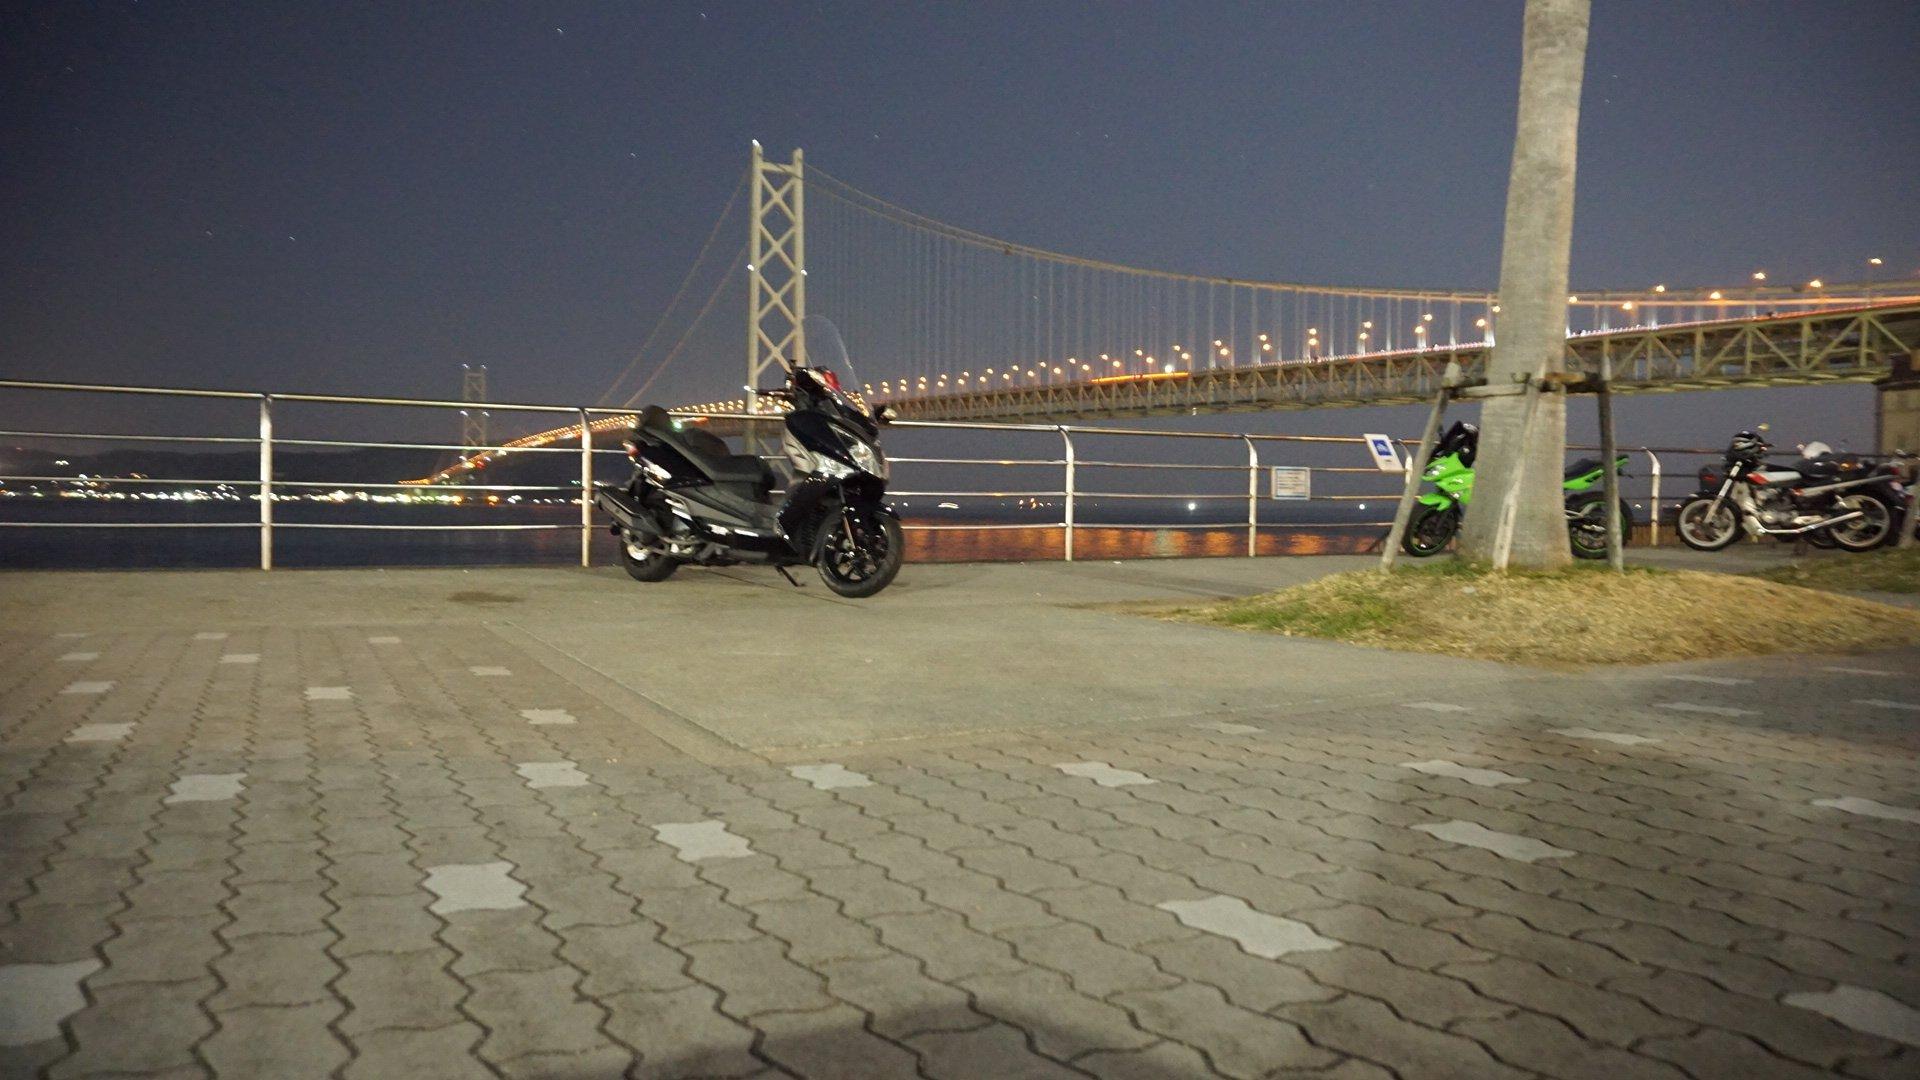 飛び降り 大橋 明石 海峡